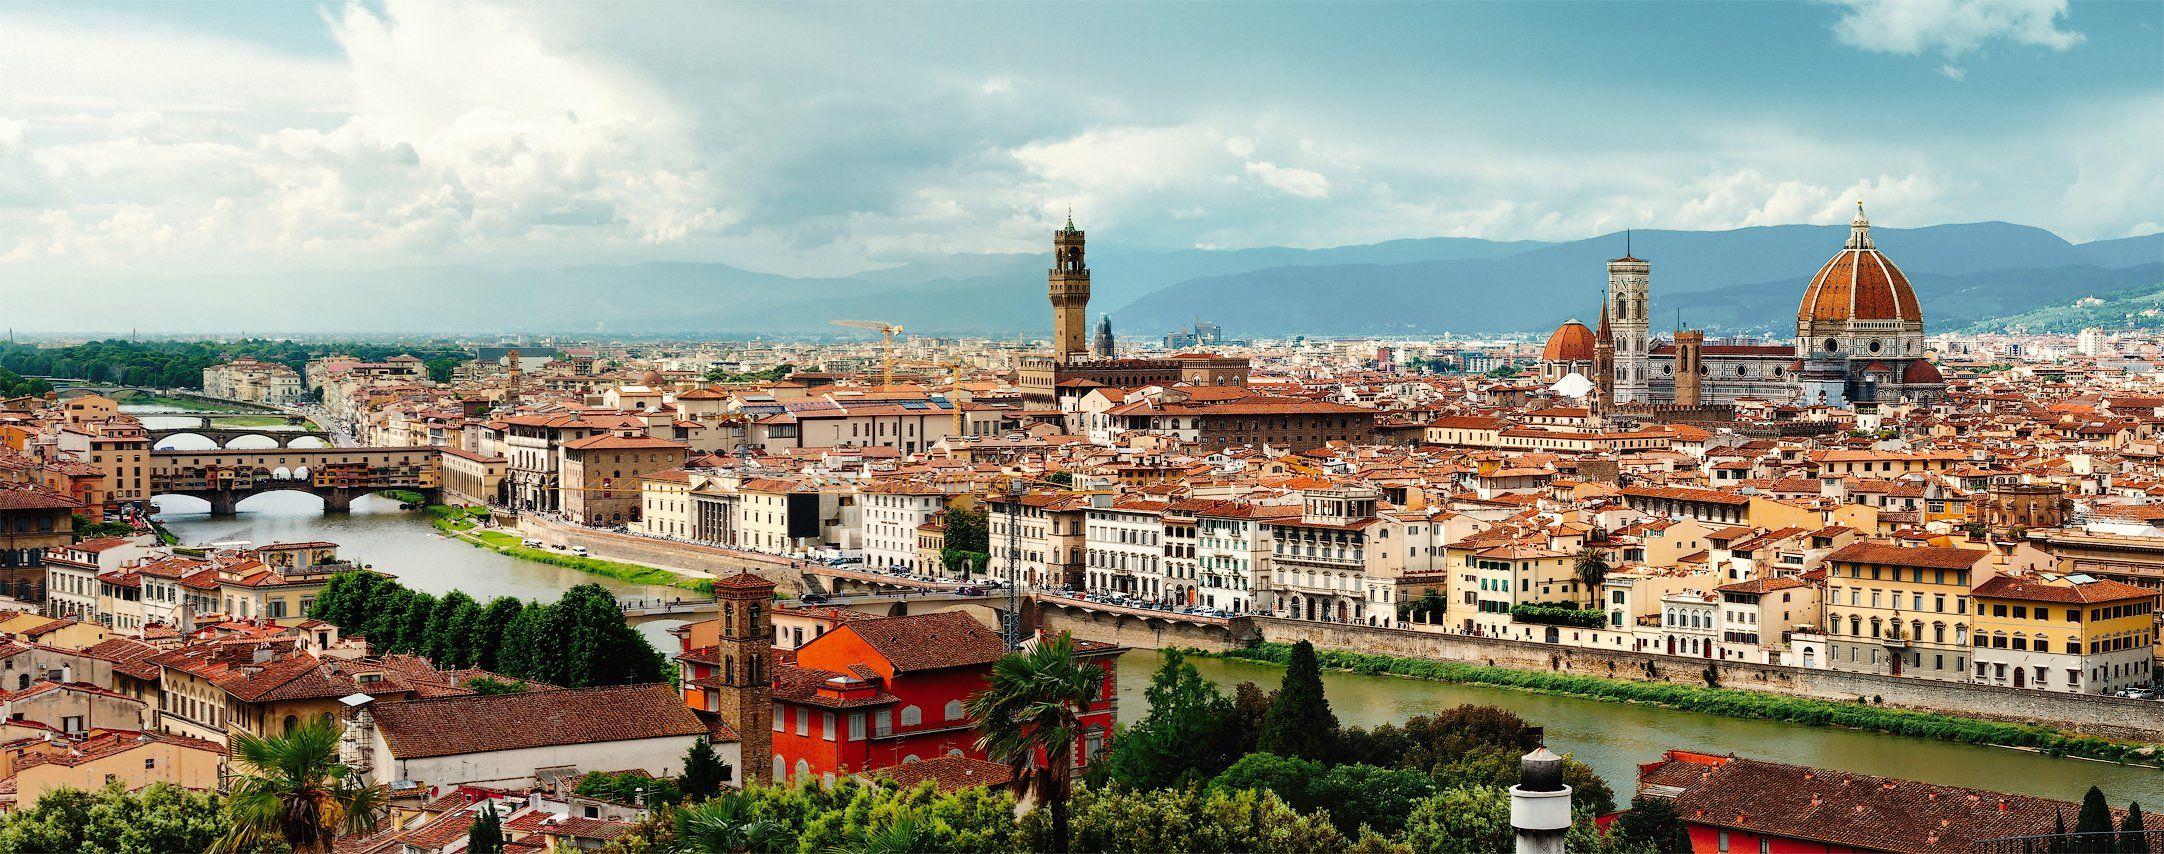 флоренция, италия, микеланджело, река, старый город, понте векьо, горы, облака, черепица, крыши, путешествие, Андрей Кобыща